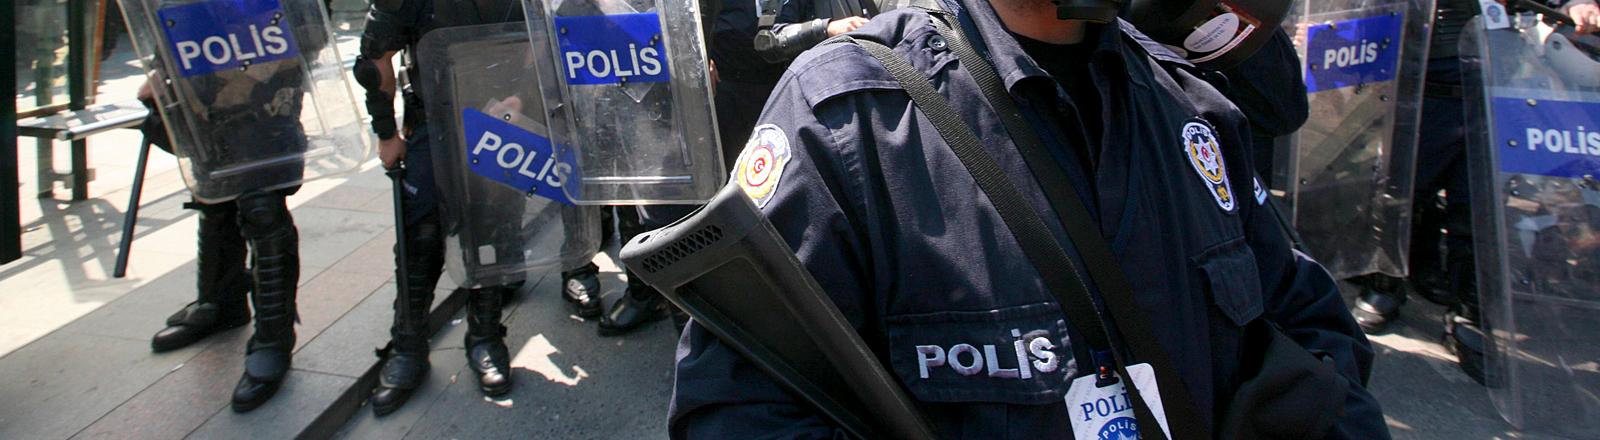 Gewehre und Uniform von Polizisten